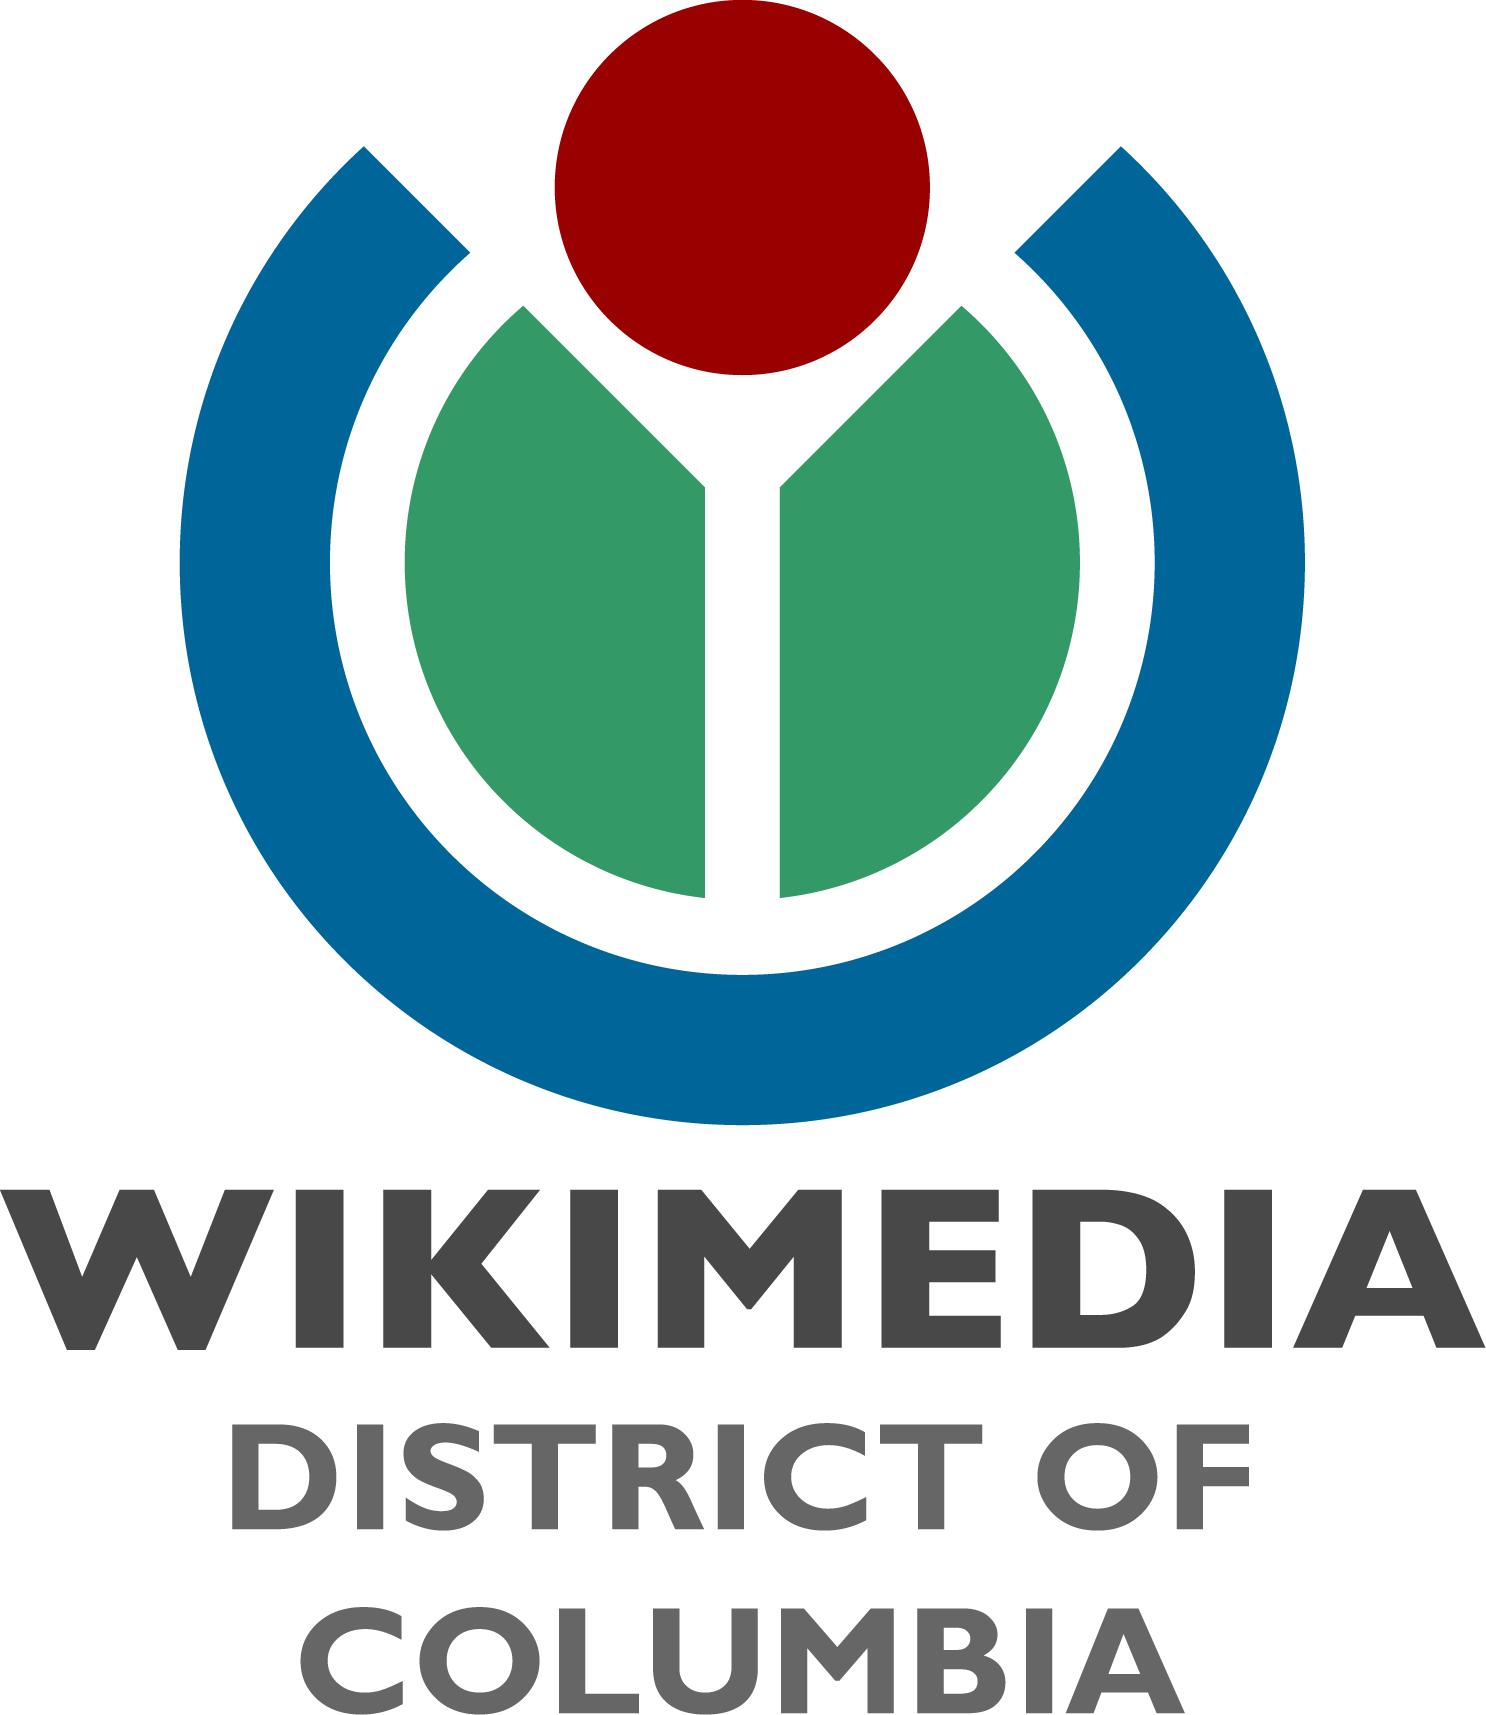 Wikimedia DC logo